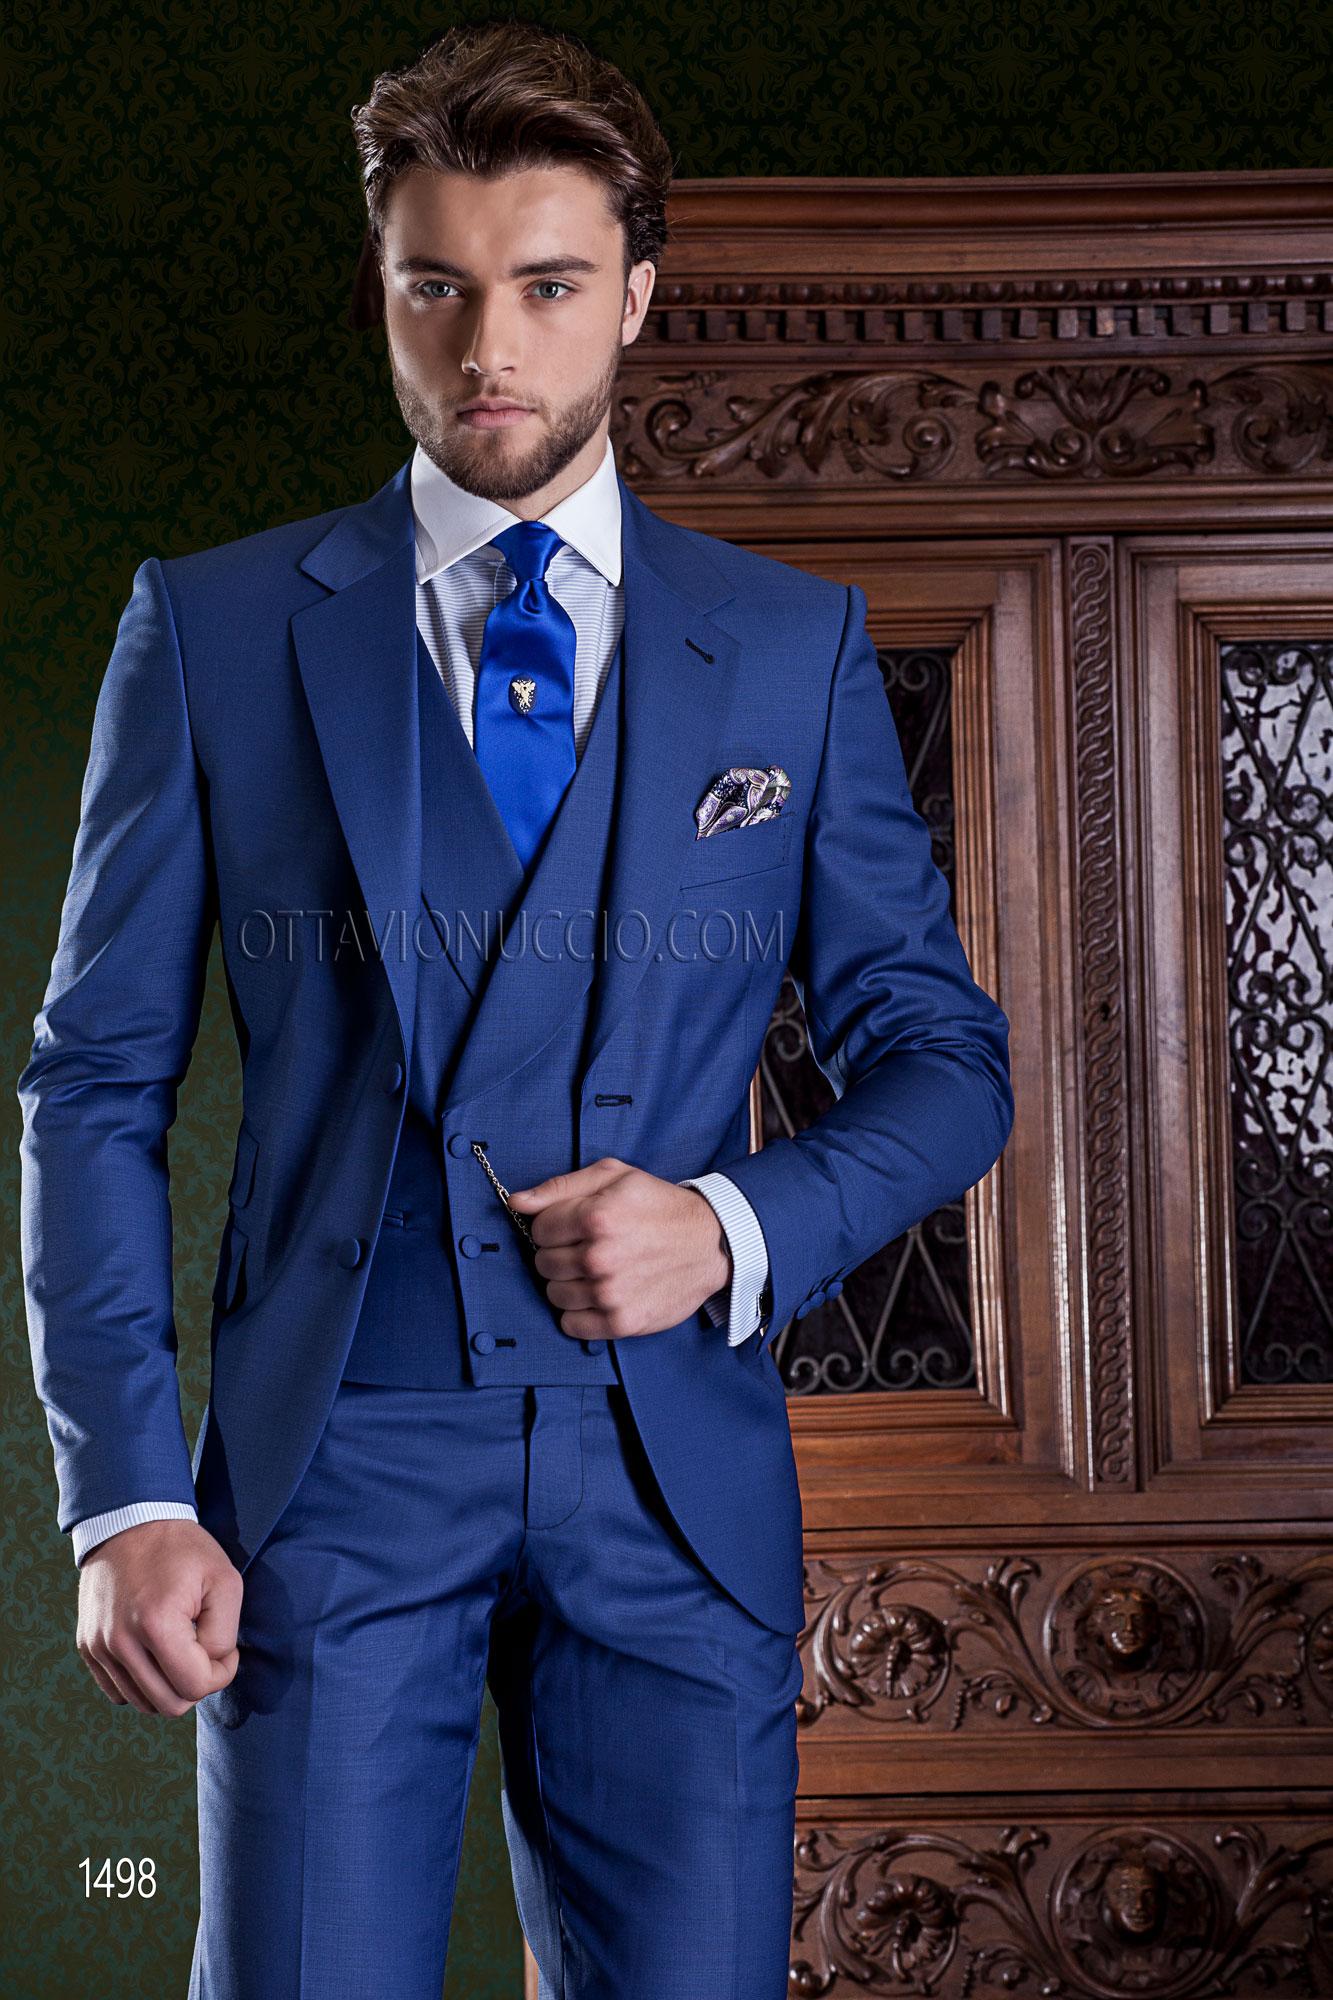 Outfit Matrimonio Uomo Gilet : Abito da cerimonia uomo blu elettrico e gilet doppiopetto